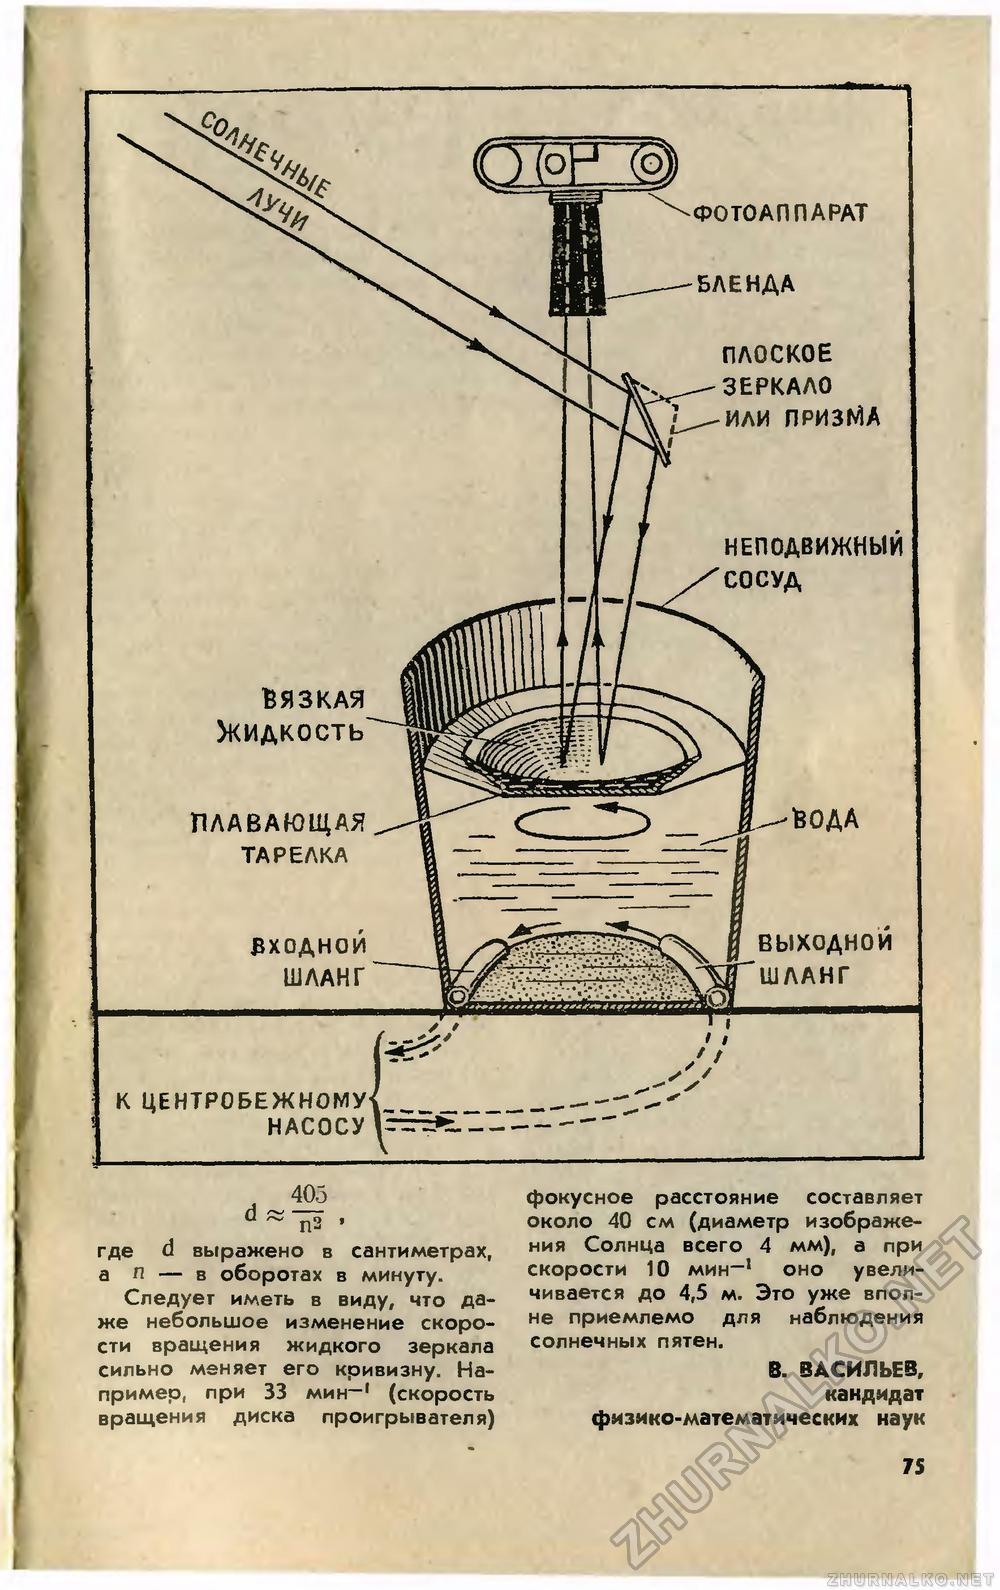 Как сделать простейший телескоп своими руками all-he 61